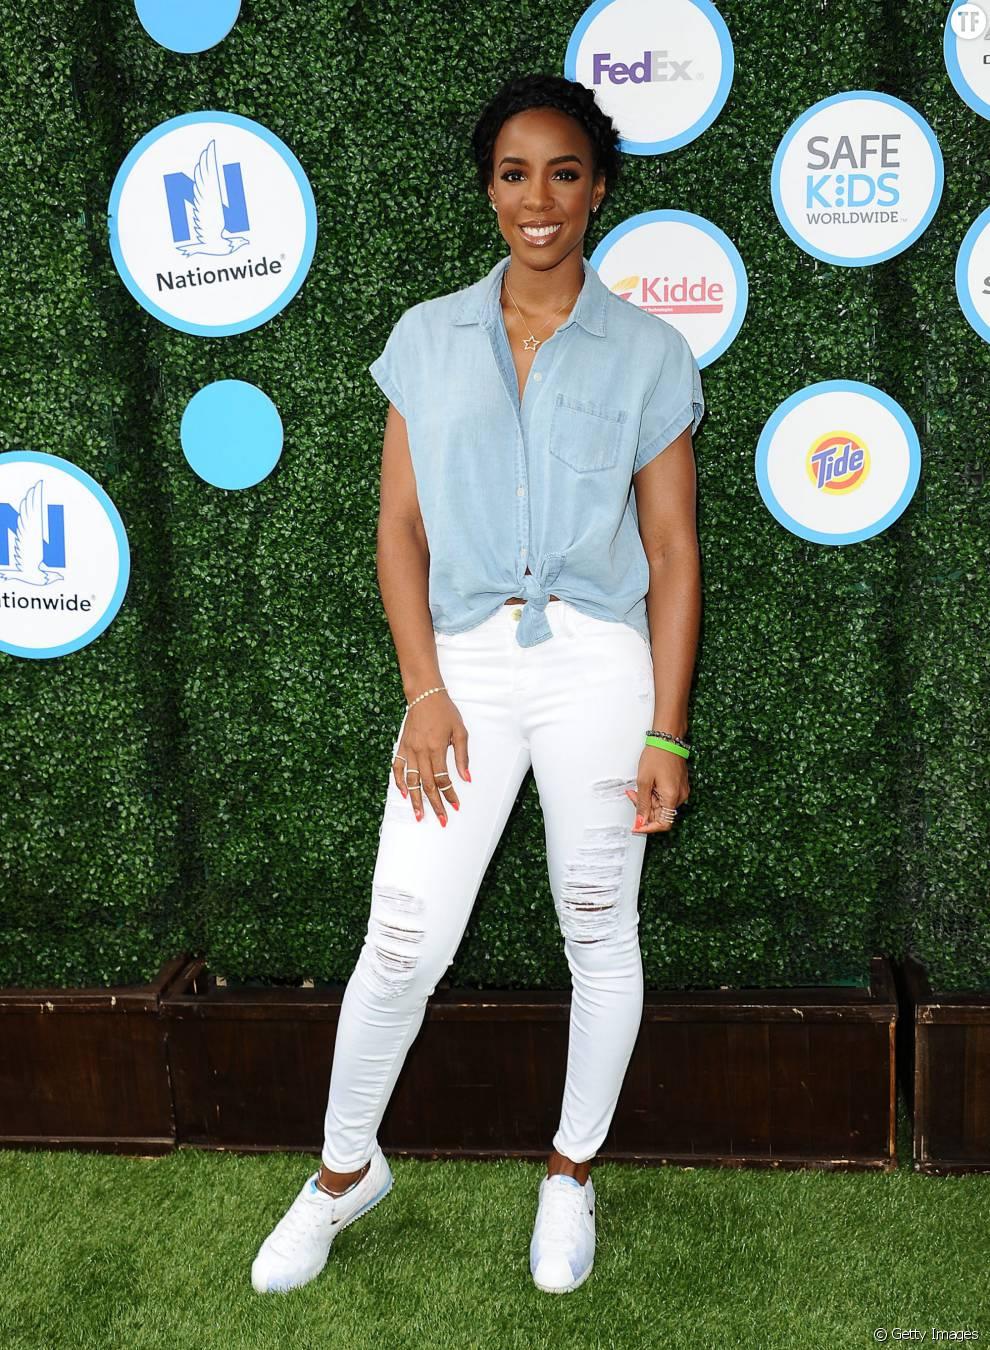 Comme Kelly Rowland, on opte pour un look denim avec cette chemise en jean courte, un pantalon et des baskets blanches